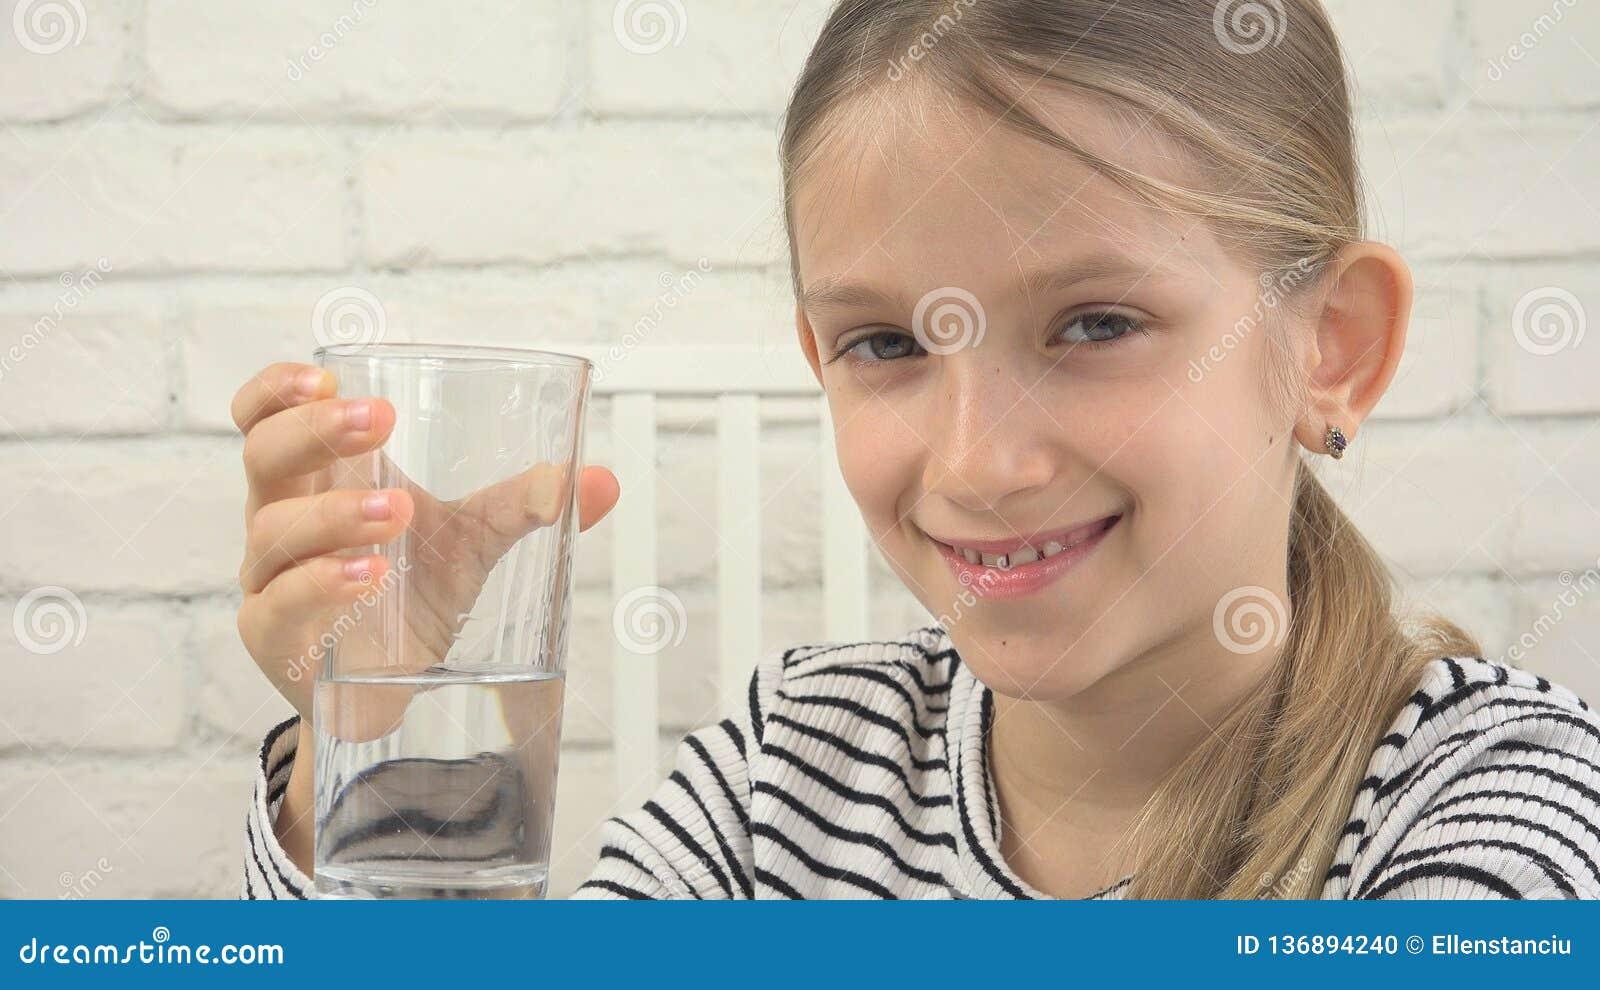 Água potável da criança, criança sedento que estuda o vidro da água fresca, menina na cozinha